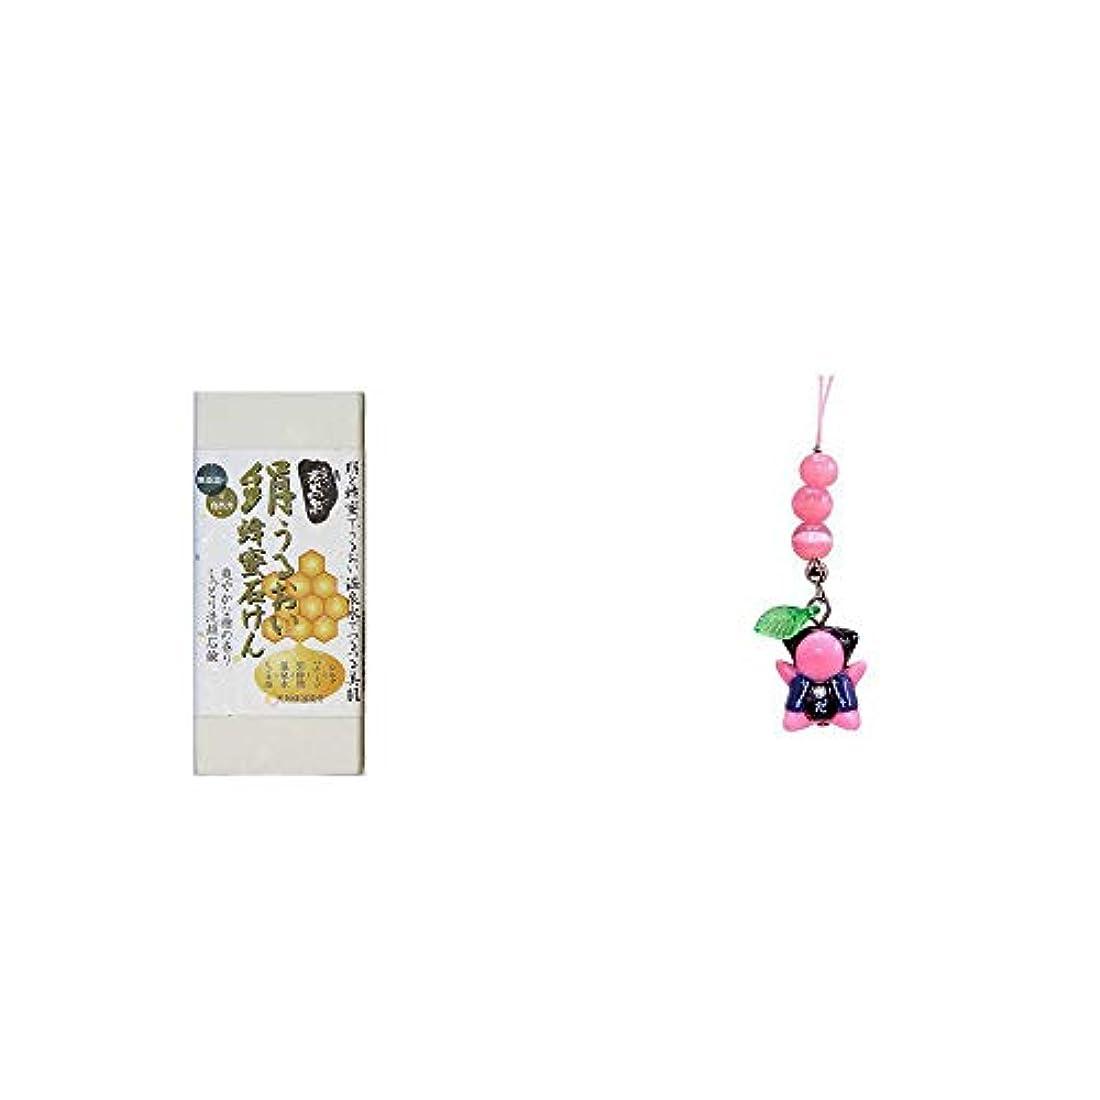 コンテストベテランロック[2点セット] ひのき炭黒泉 絹うるおい蜂蜜石けん(75g×2)?さるぼぼ癒しキャッツアイ【ピンク】/ ストラップ 恋愛運?素敵な出会い?幸せな結婚?豊かな人間関係 //